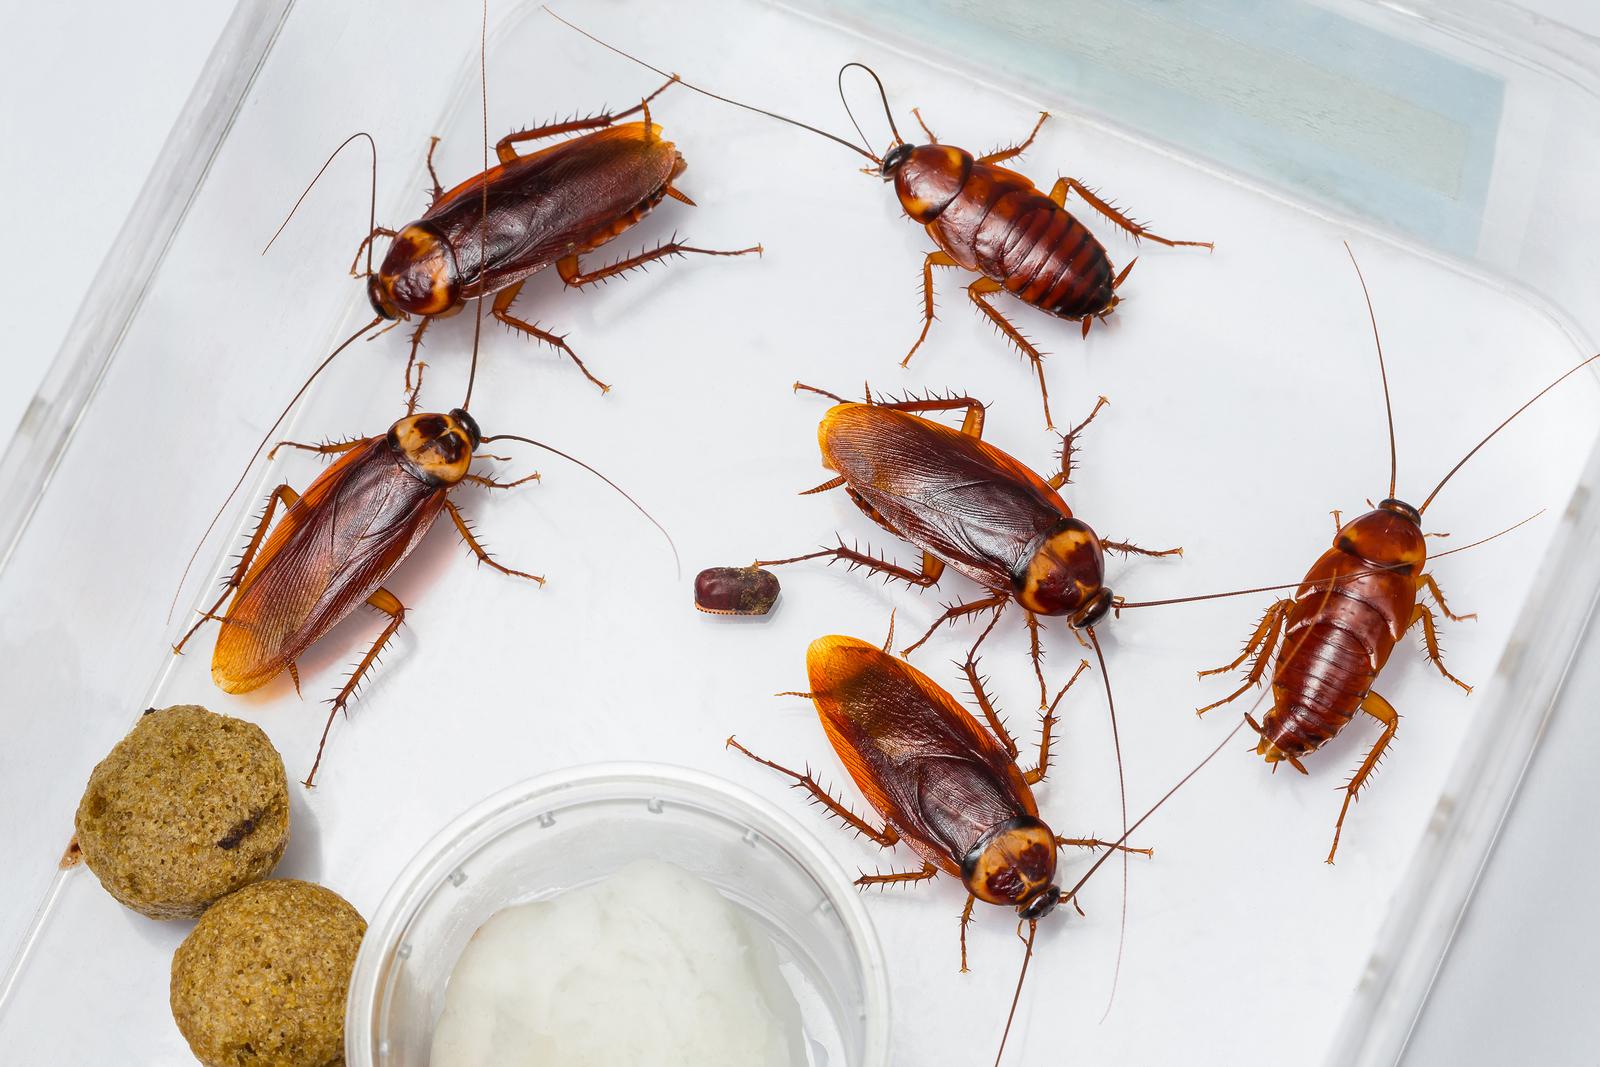 Roaches In Kitchen Sink Drain Besto Blog